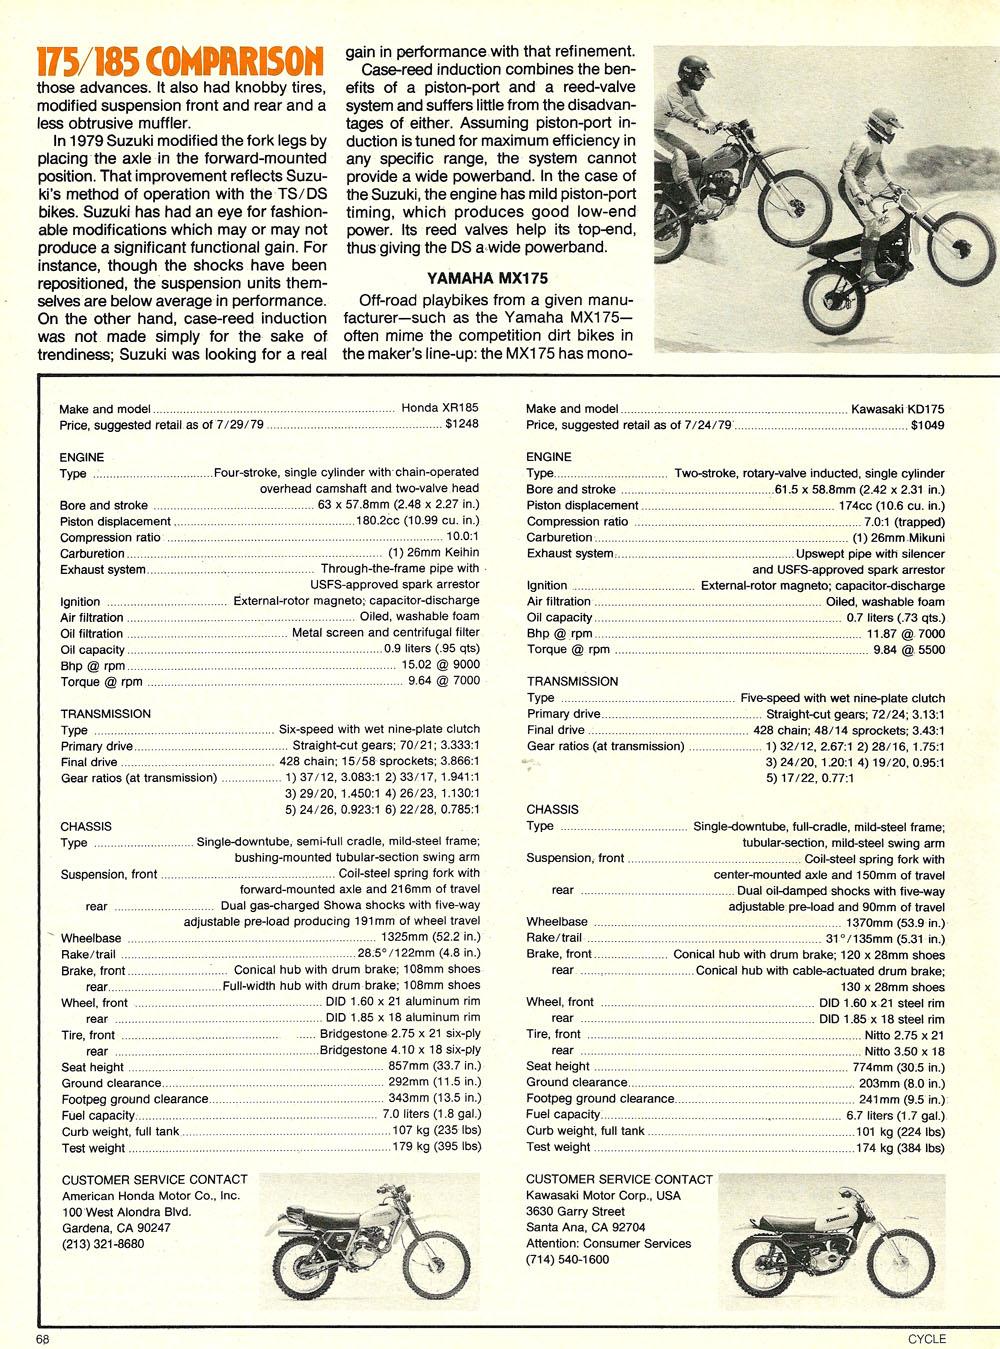 1979 Comparison XR185 KD175 DS185 MX175 test 05.jpg